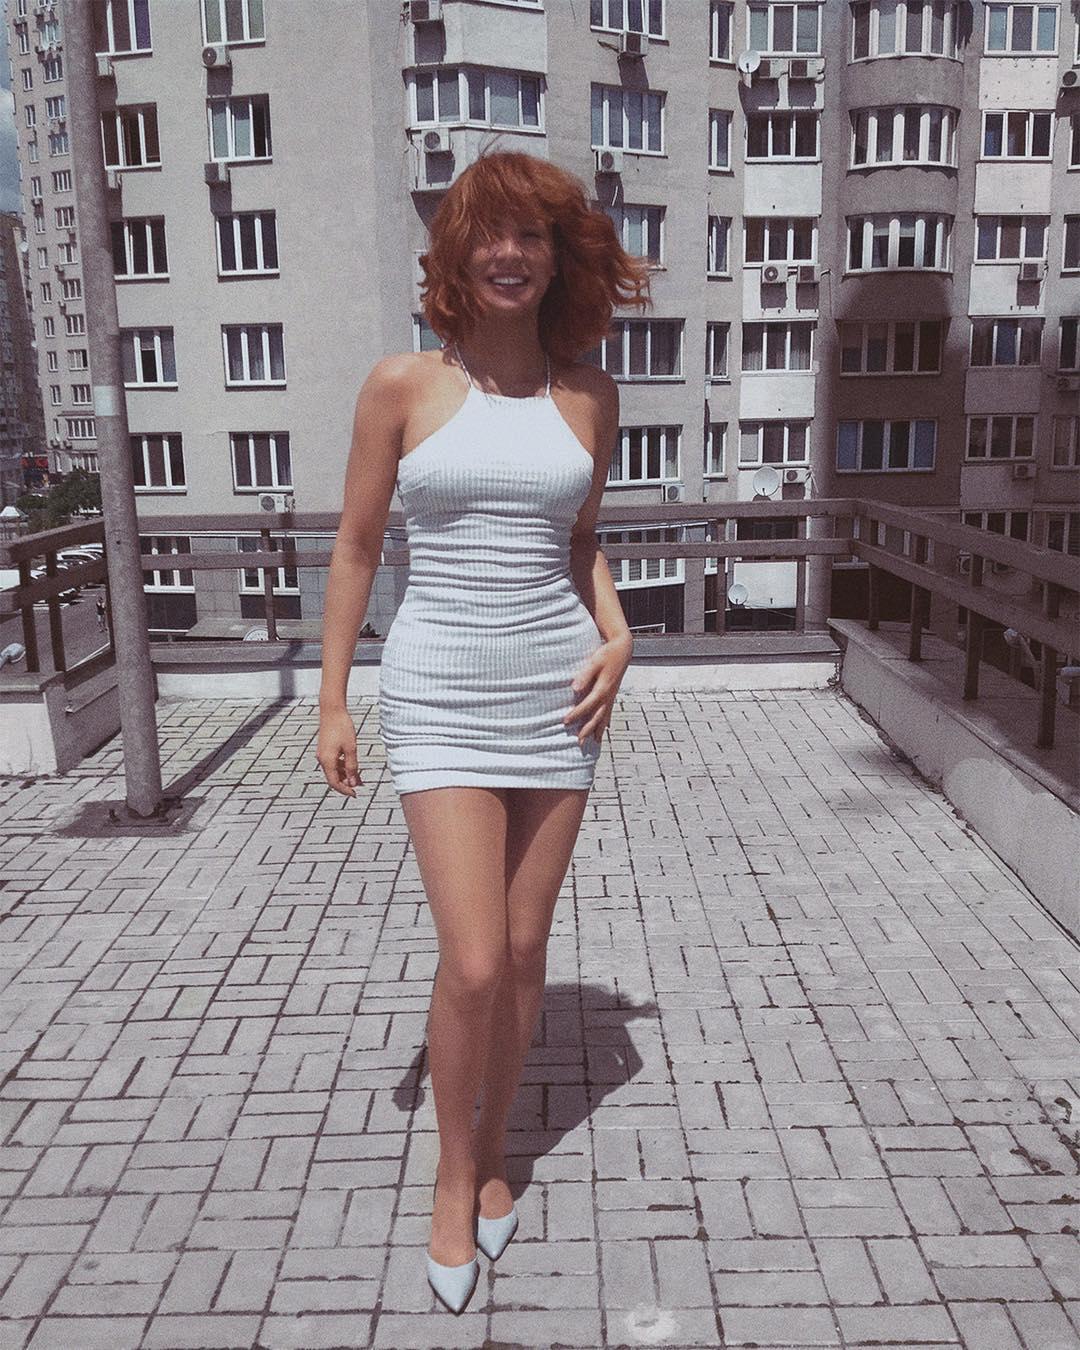 Зианджа позировала в белом наряде